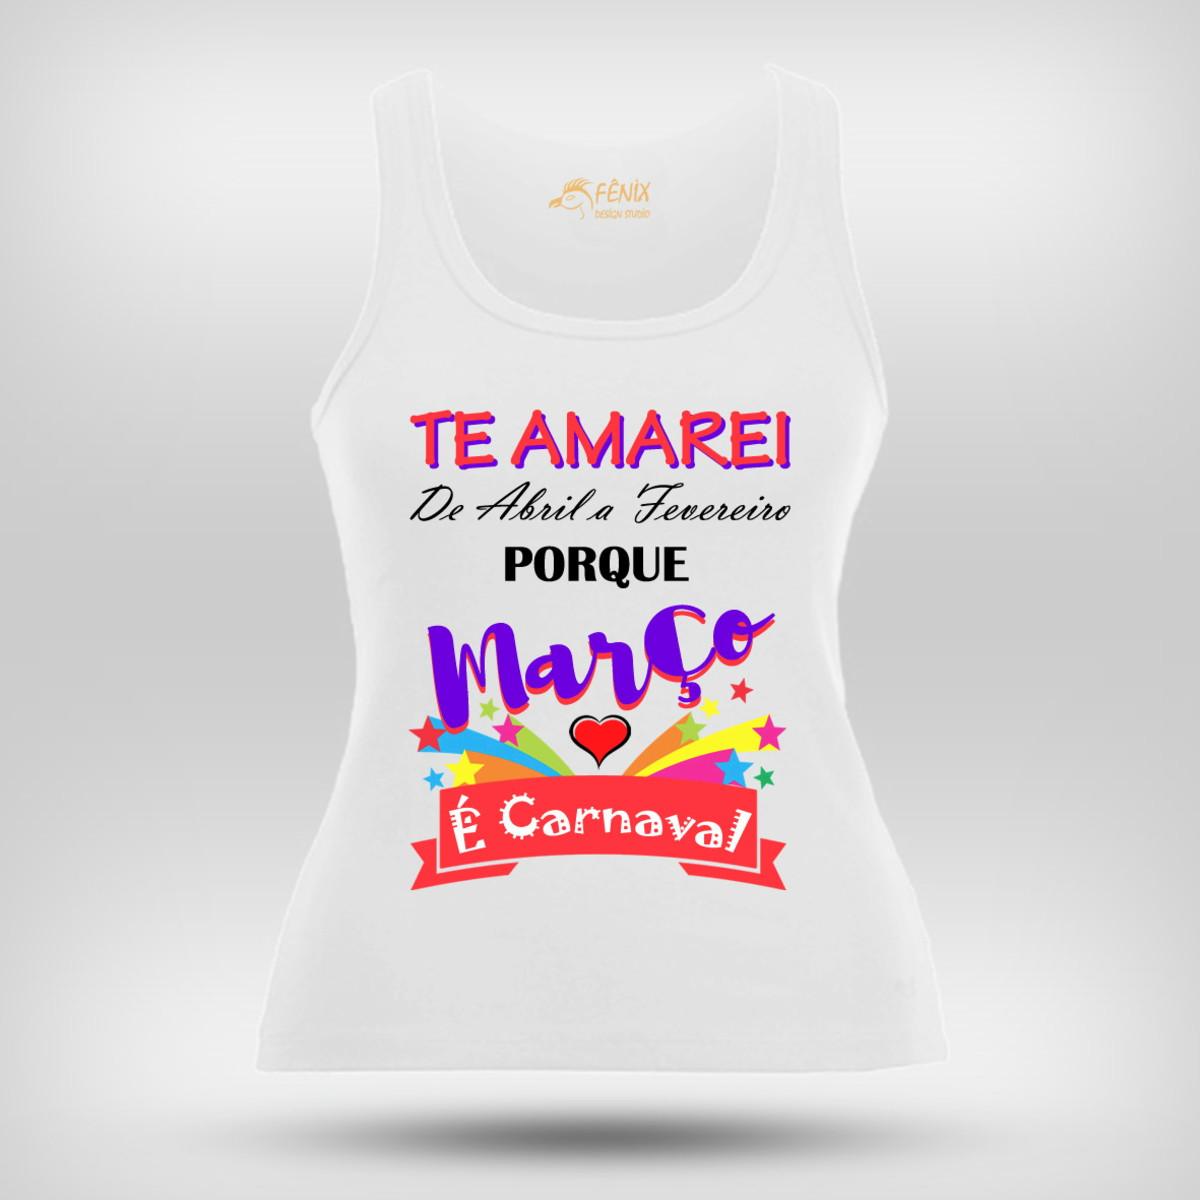 147dba5059 Regata Masculina ou Feminina Carnaval Promoção no Elo7